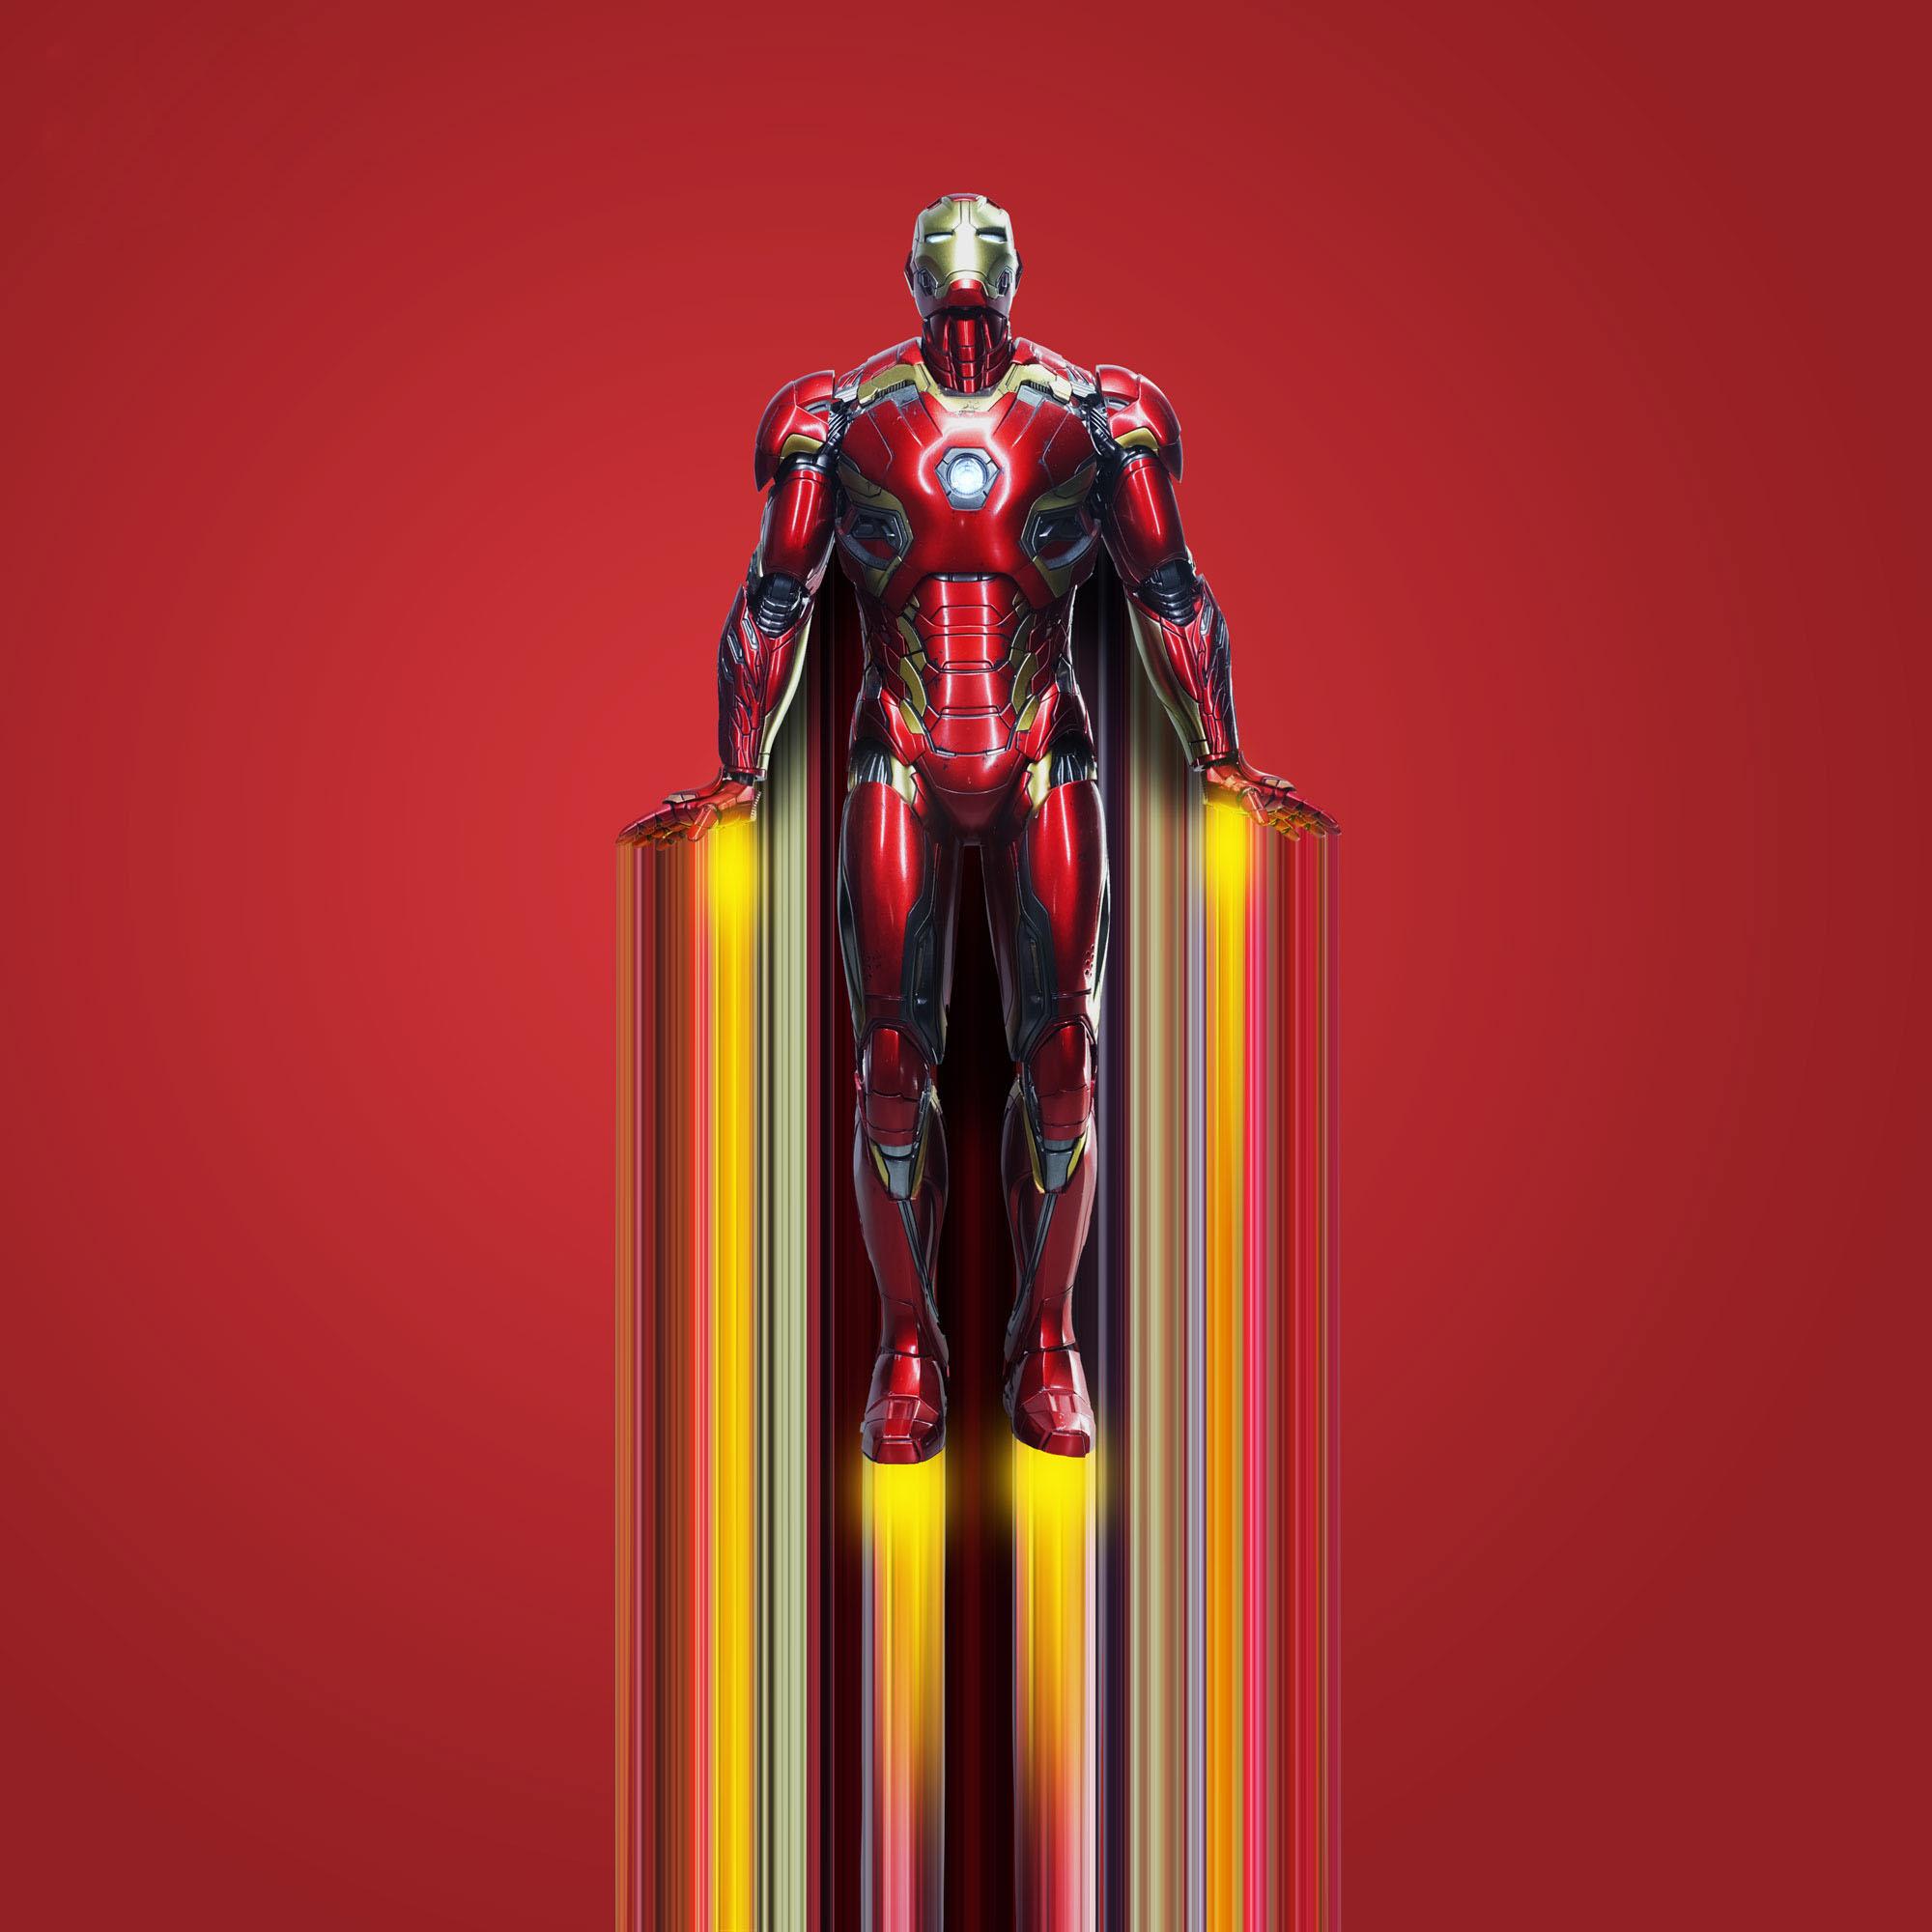 Iron Man Avengers Endgame Art Wallpaper, HD Artist 4K